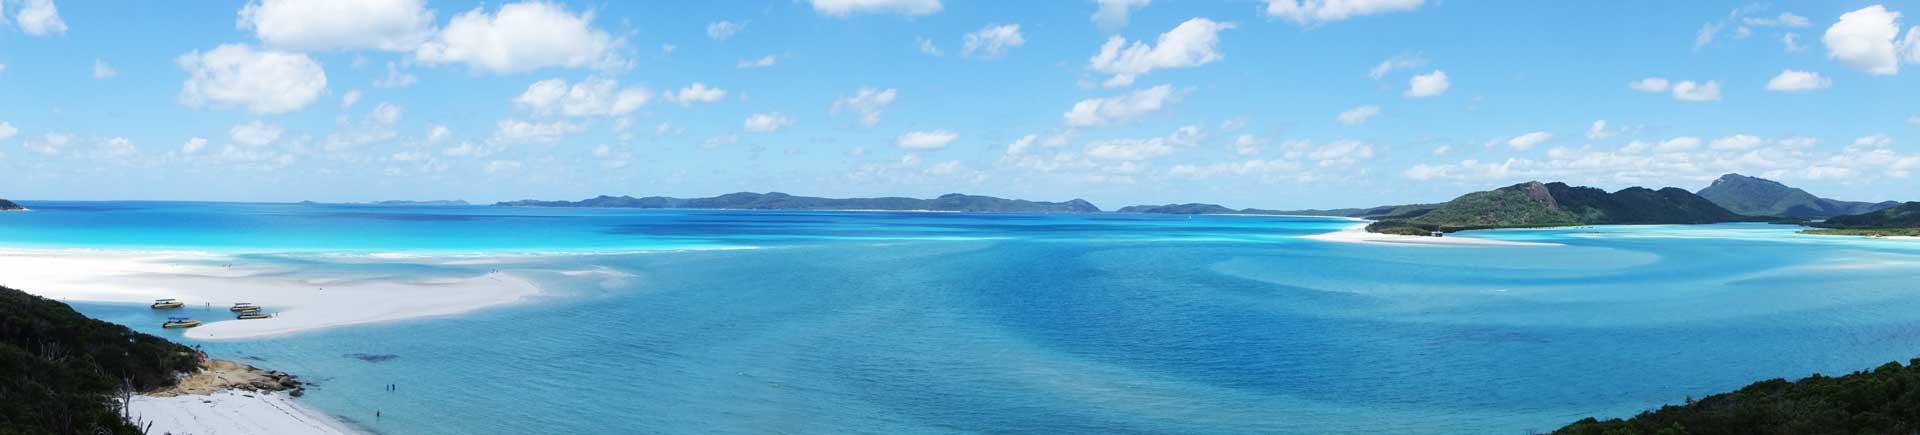 Australia's Best Beach Whitehaven Beach Panorama